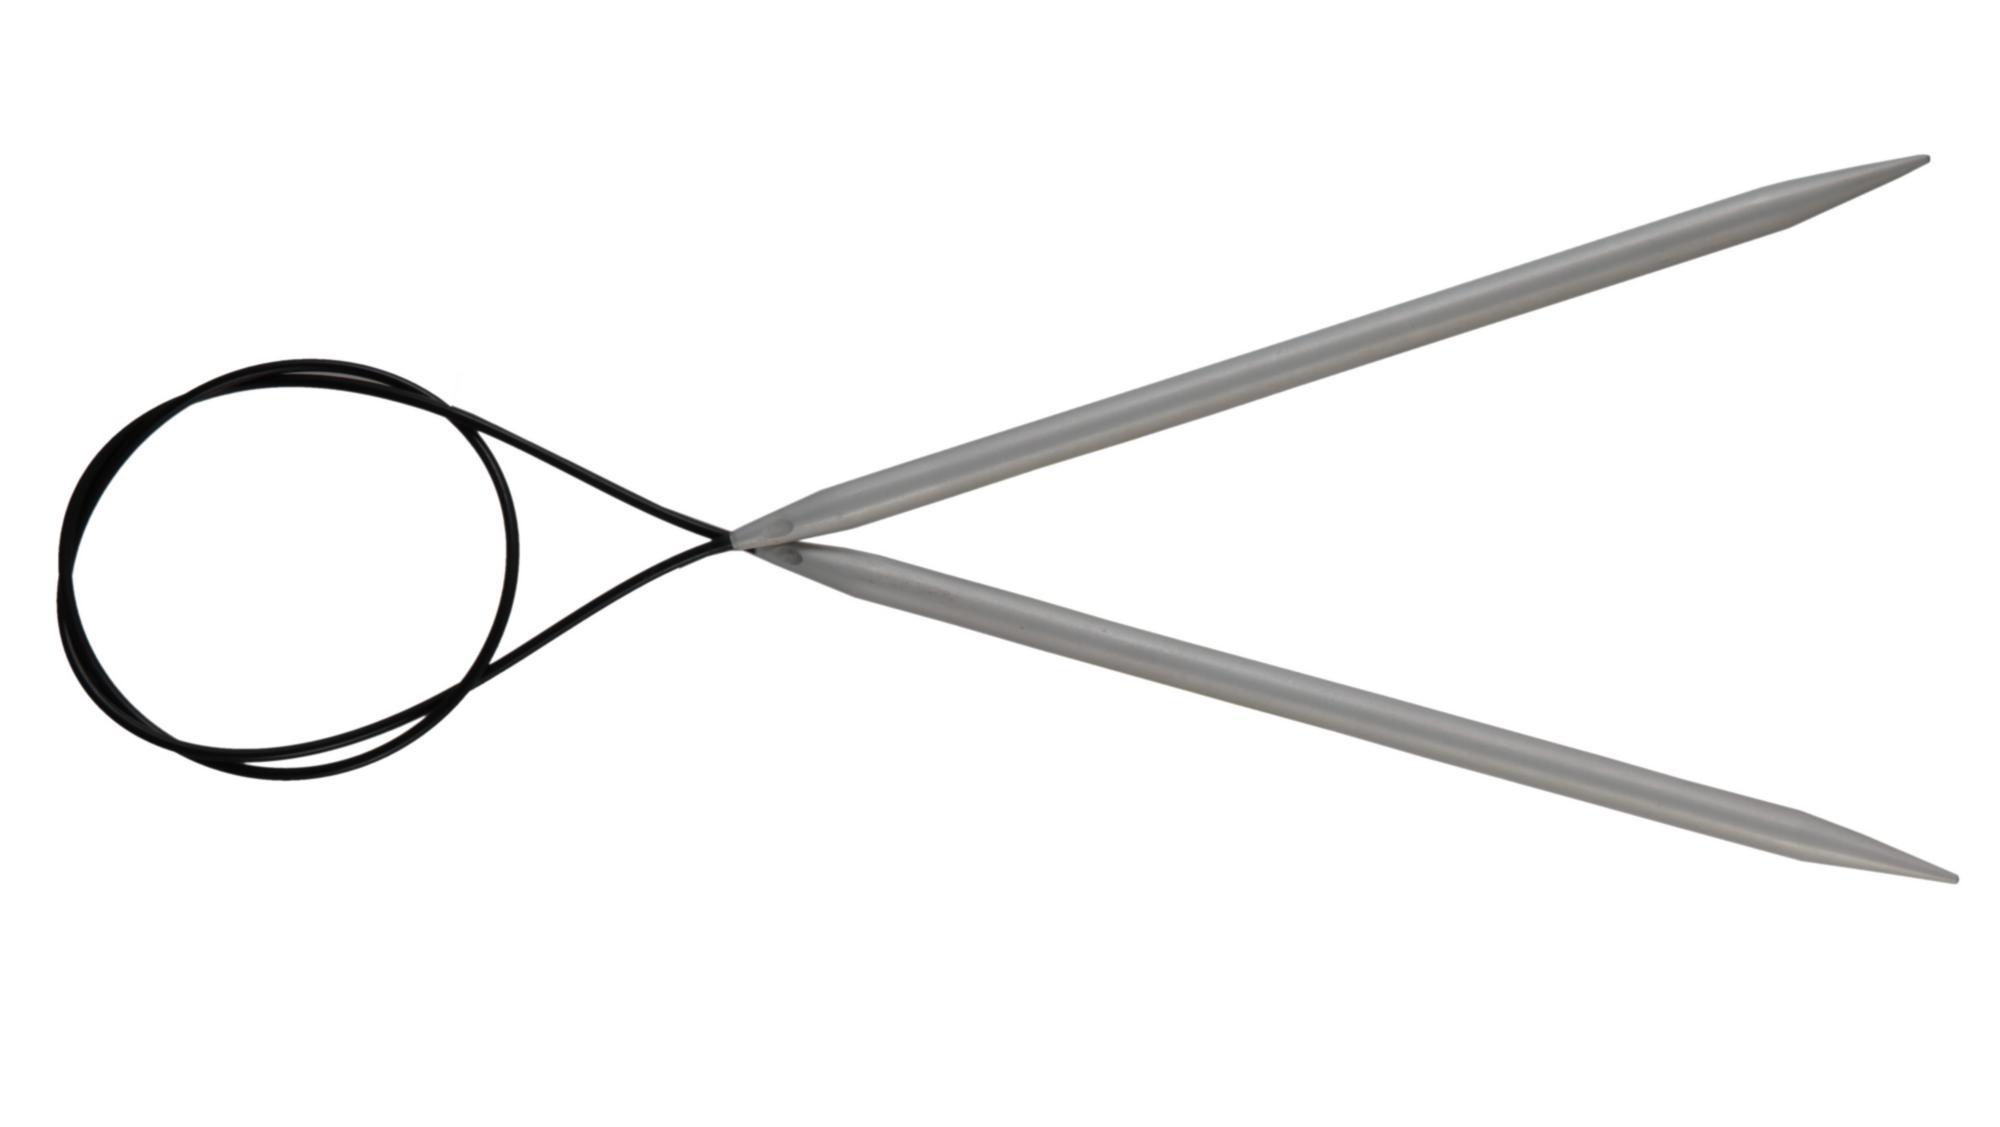 Спицы круговые 80 см Basix Aluminium KnitPro, 45334, 3.50 мм